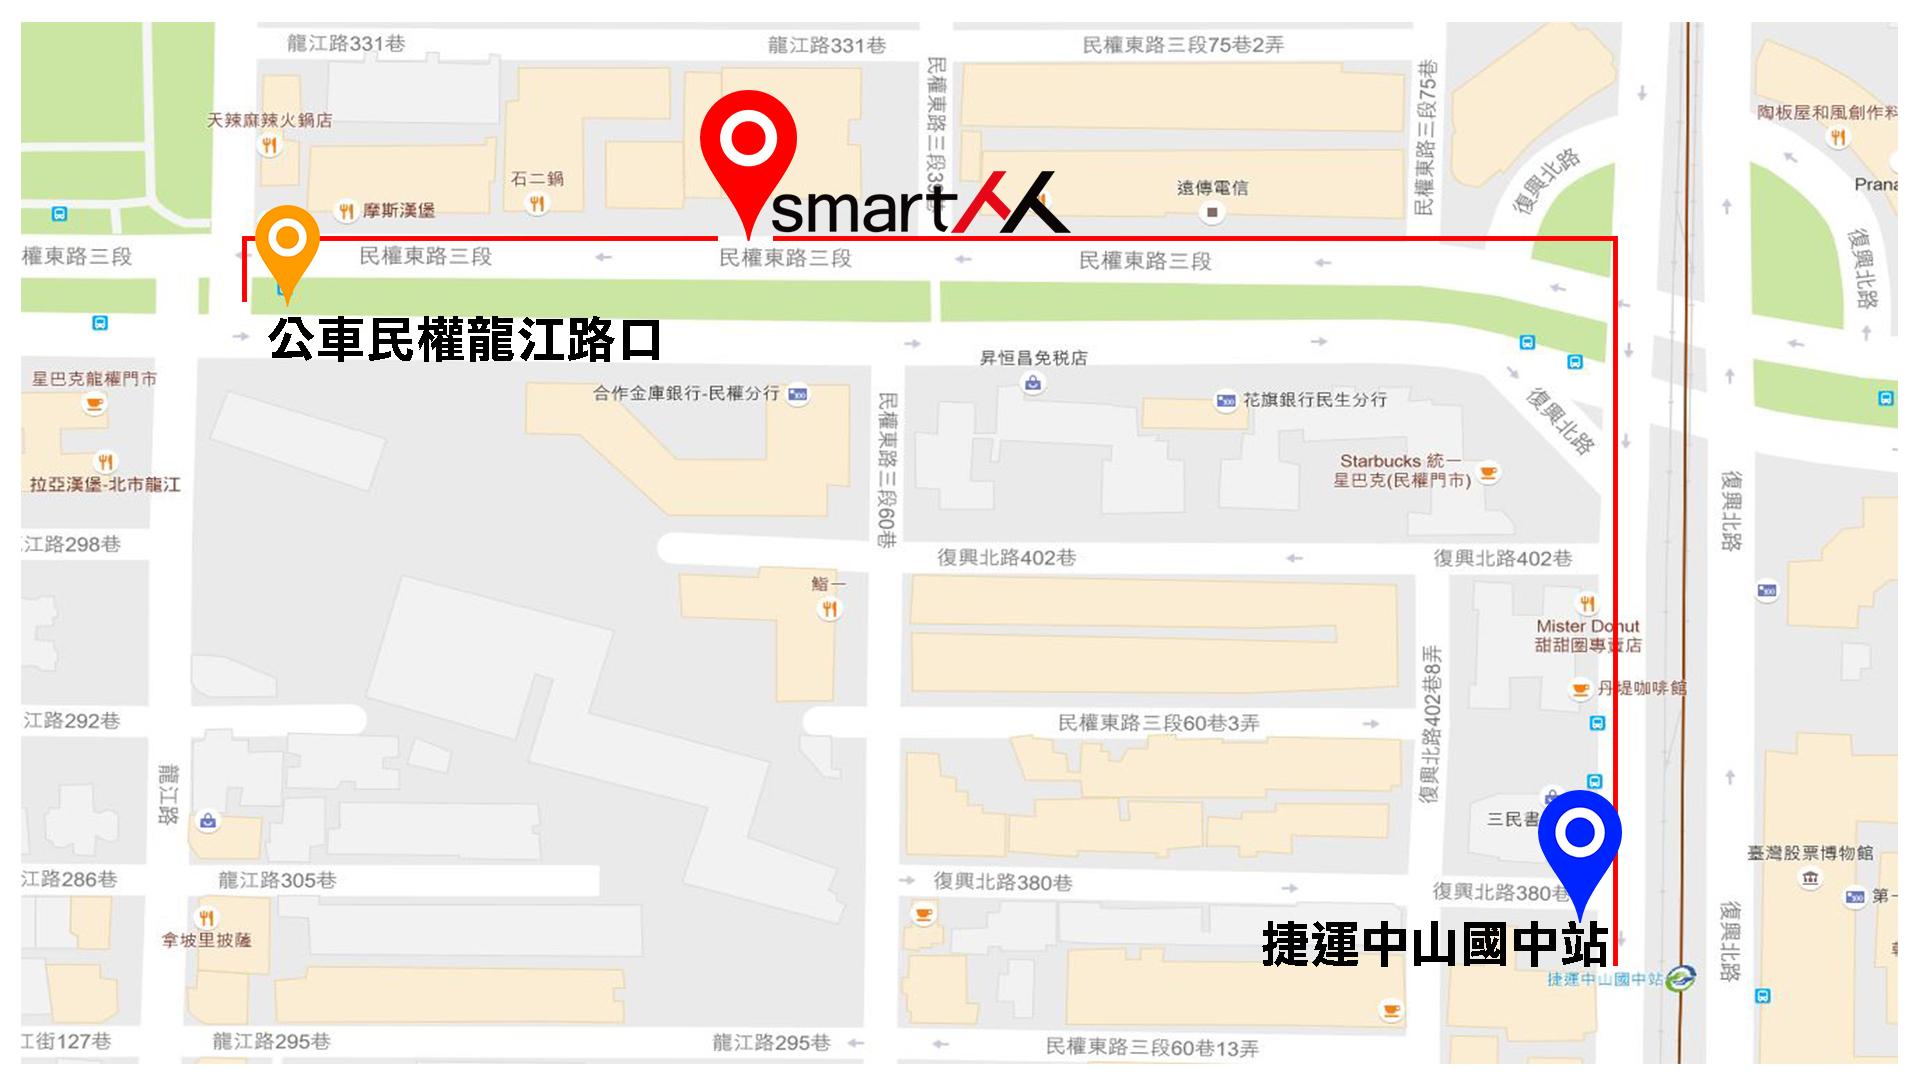 【SmartM菁英商學院】教室租借/場地空間/台北地區